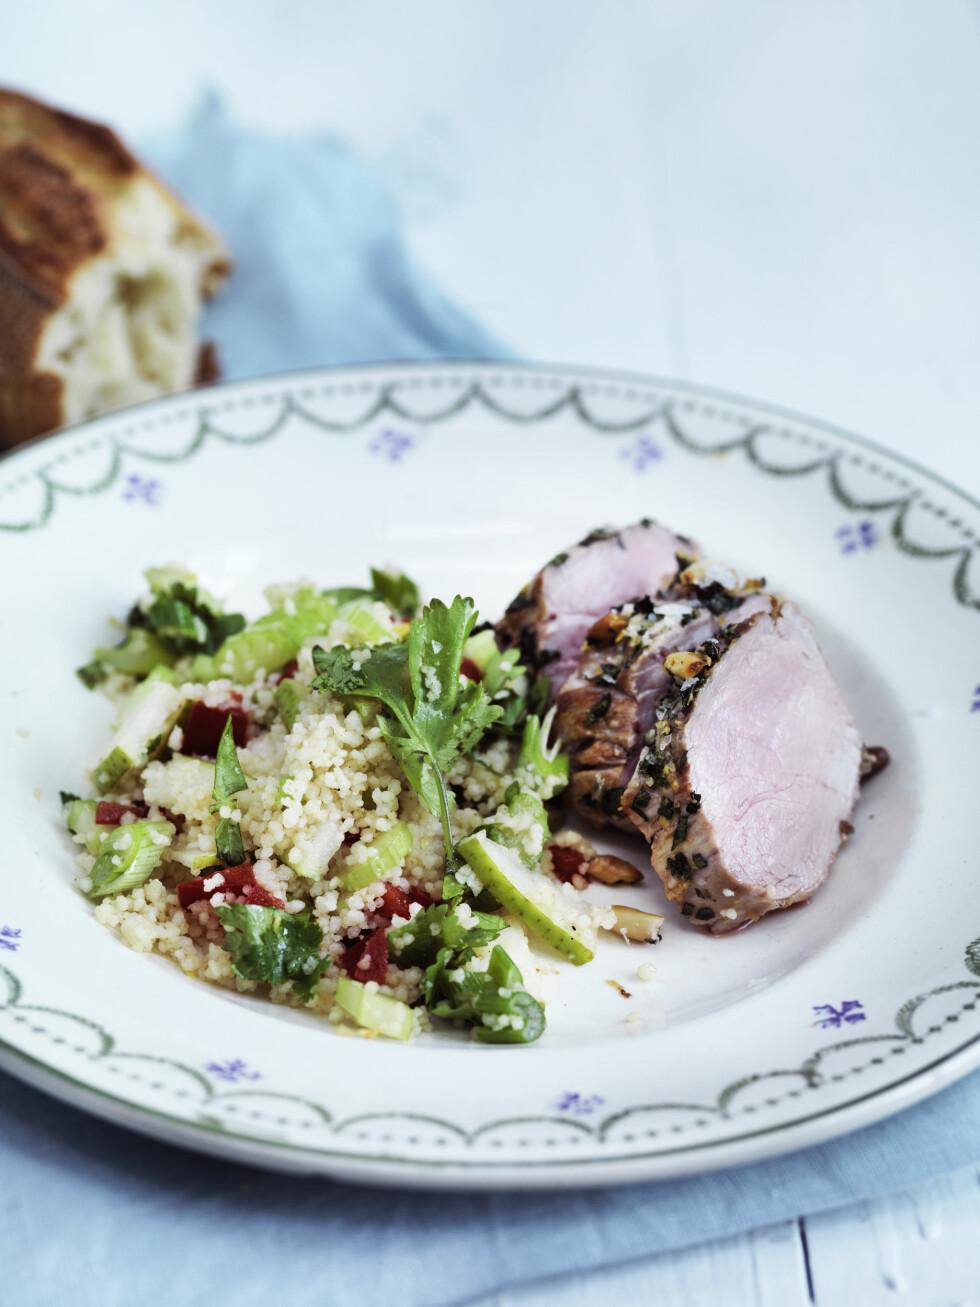 DEILIGE SMAKER: Et streif av Midtøsten! Couscousen får et friskt løft med sitron og kanel. Foto: All Over Press